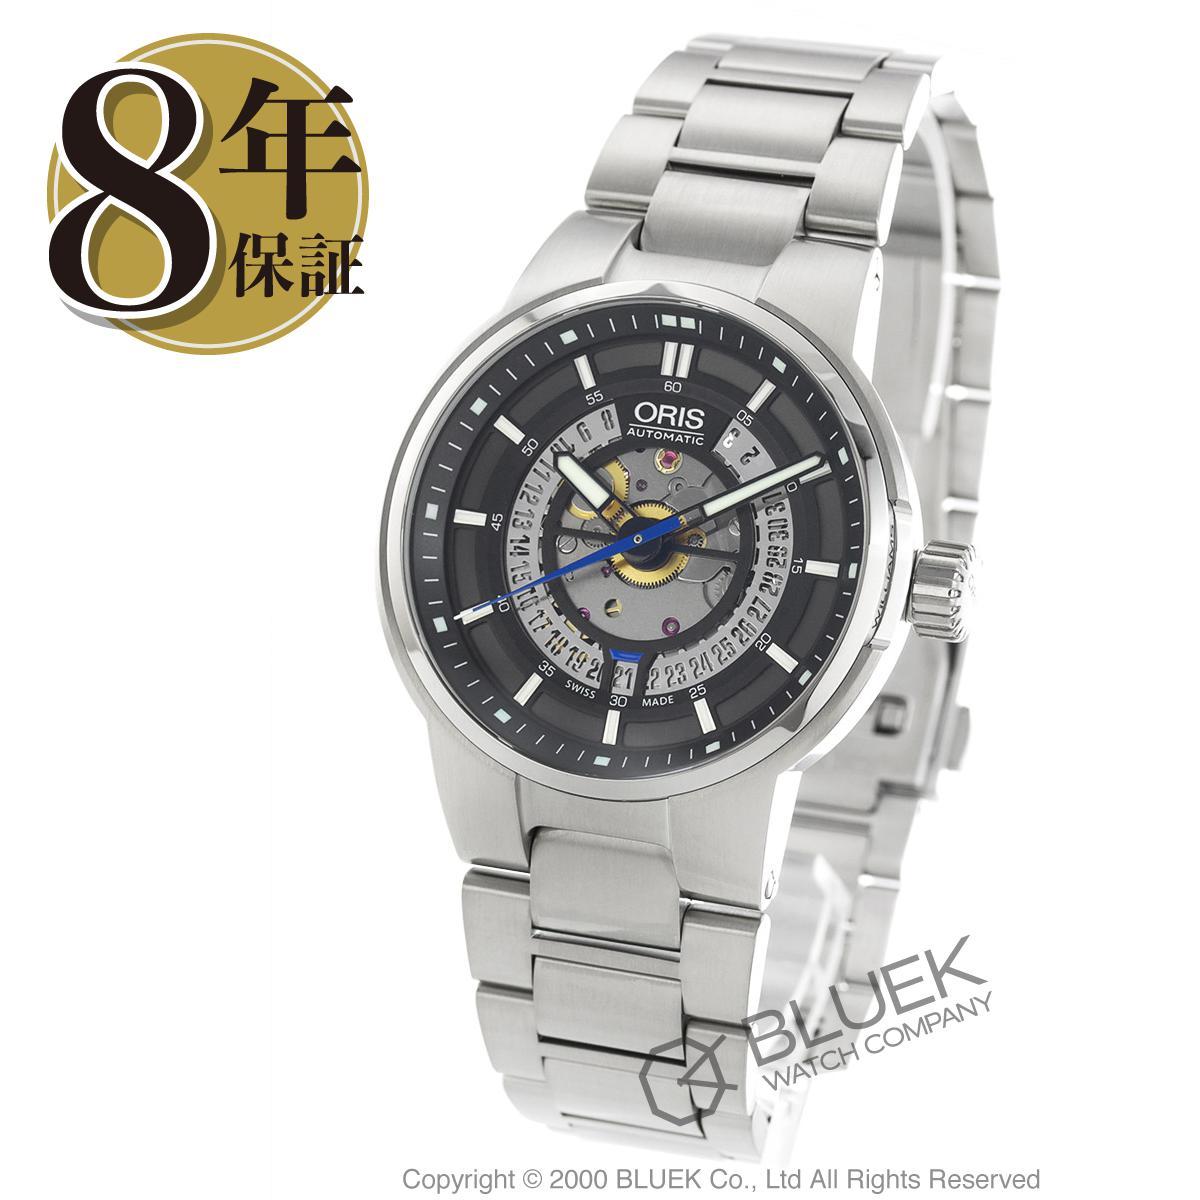 オリス ウィリアムズ エンジン 腕時計 メンズ ORIS 733 7740 4154M_8 バーゲン ギフト プレゼント